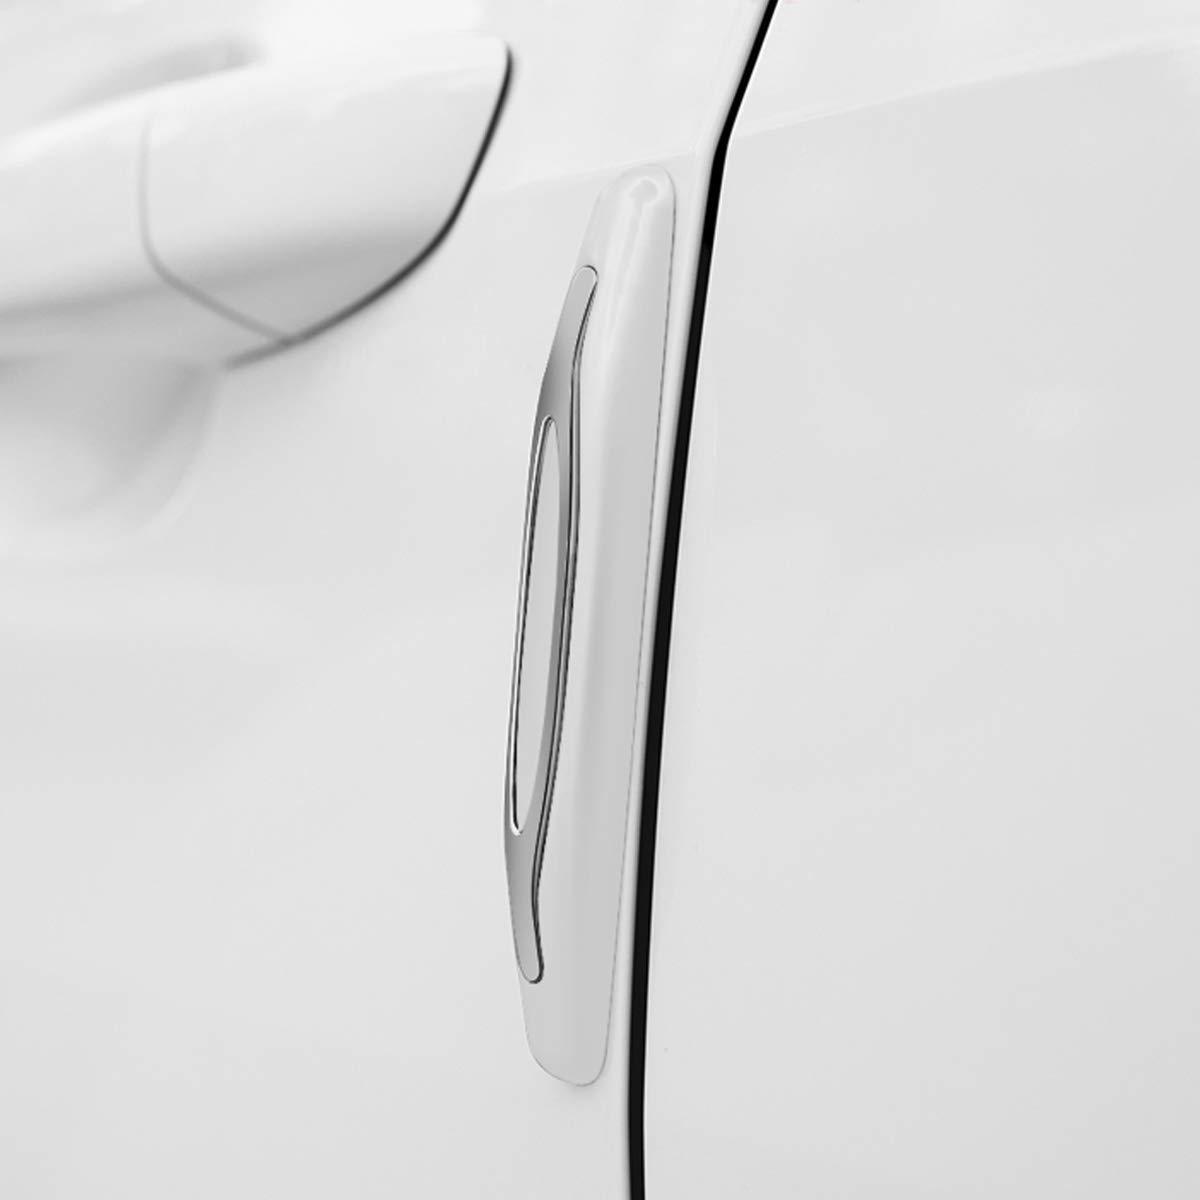 Striscia Decorativa SUV Paraurti di Protezione Della Porta 4Pcs Protezione Per il Rivestimento Della Porta Anticollisione Bordo Specchietto Retrovisore Proteggi il Camion Resistente ai Graffi